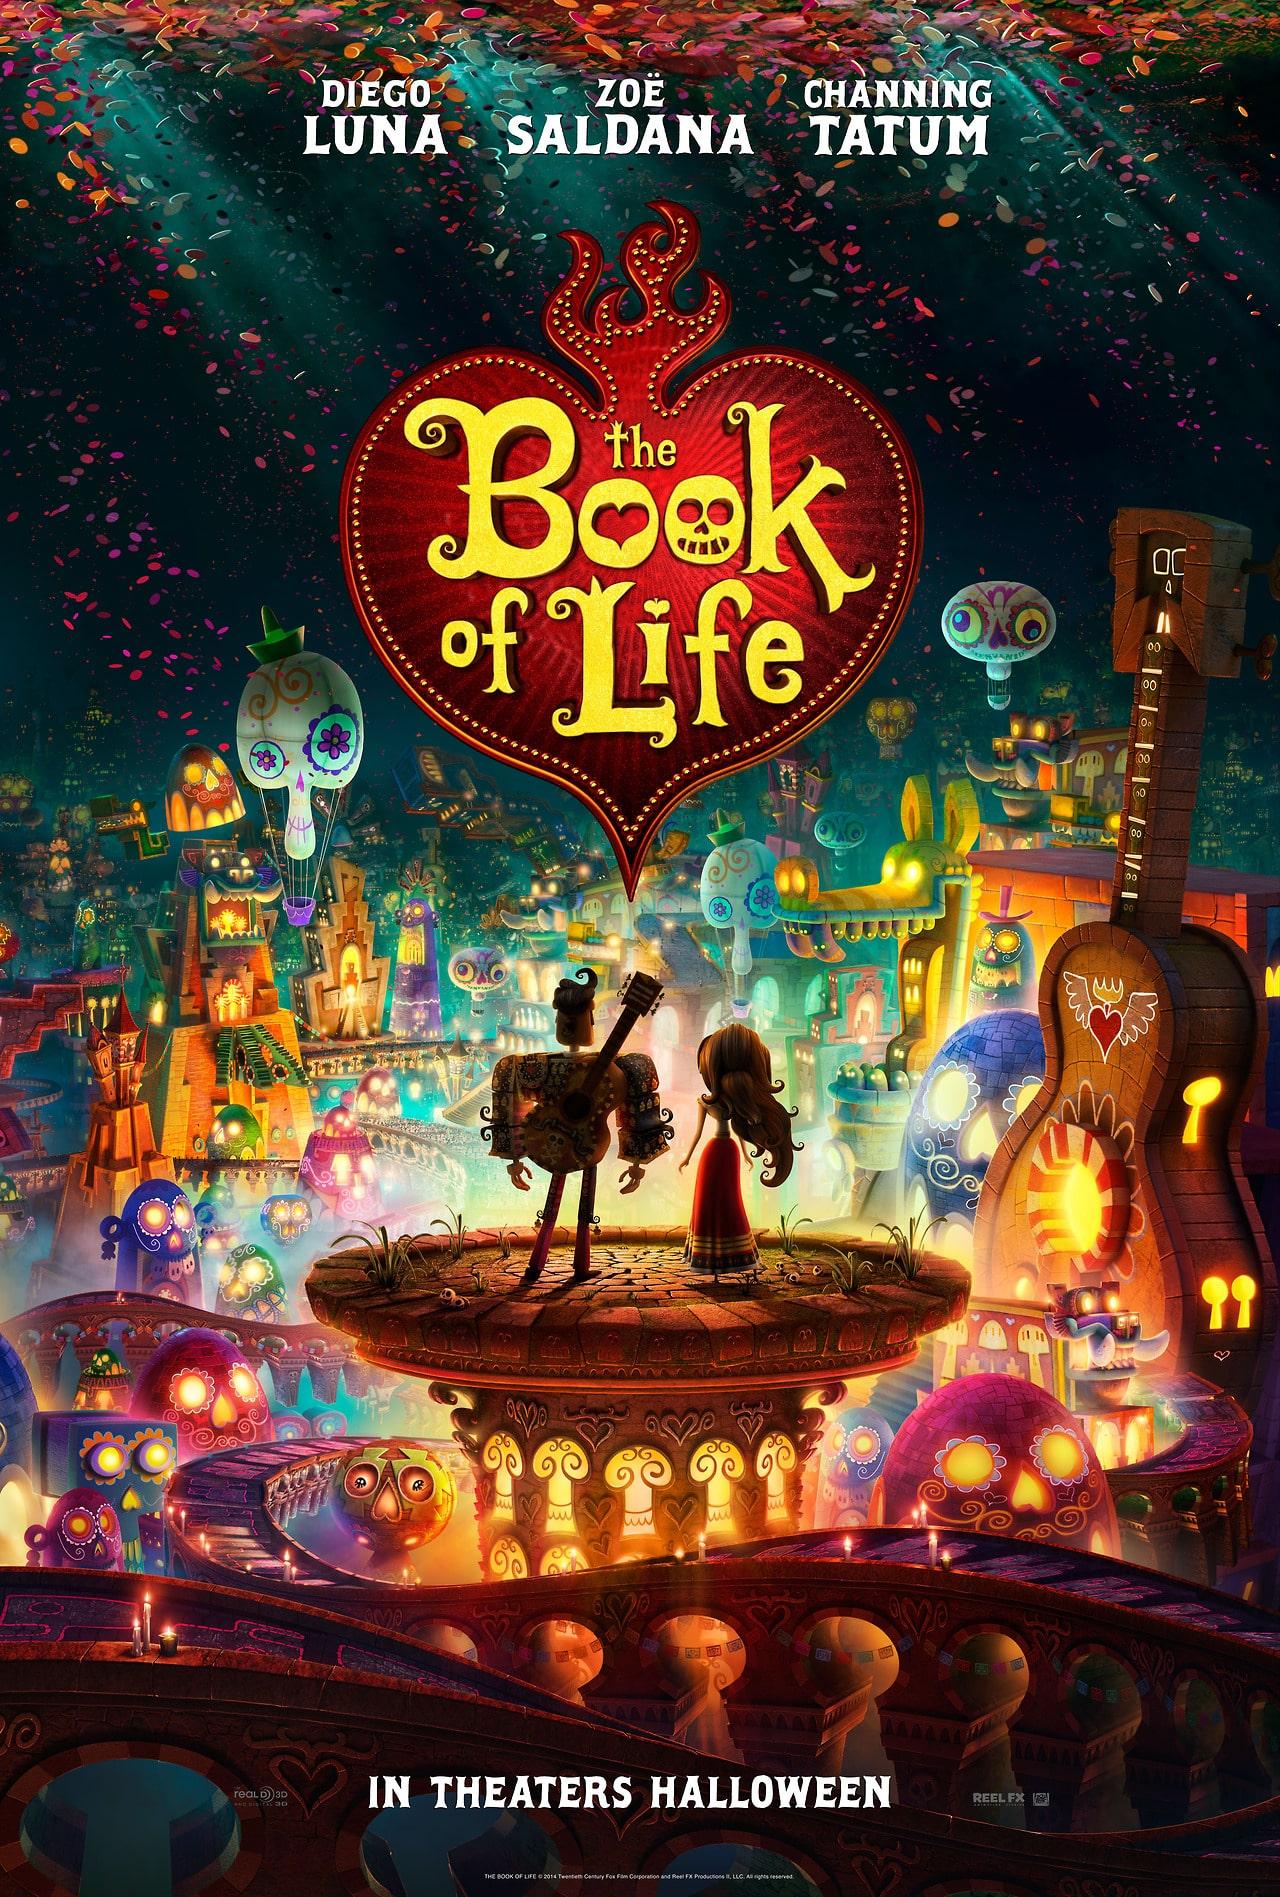 Poster oficial de The Book of Life, dirigida por Jorge R. Gutierrez y producida por Guillermo del Toro, esto para 20th Century Fox y Fox Animation Studios.